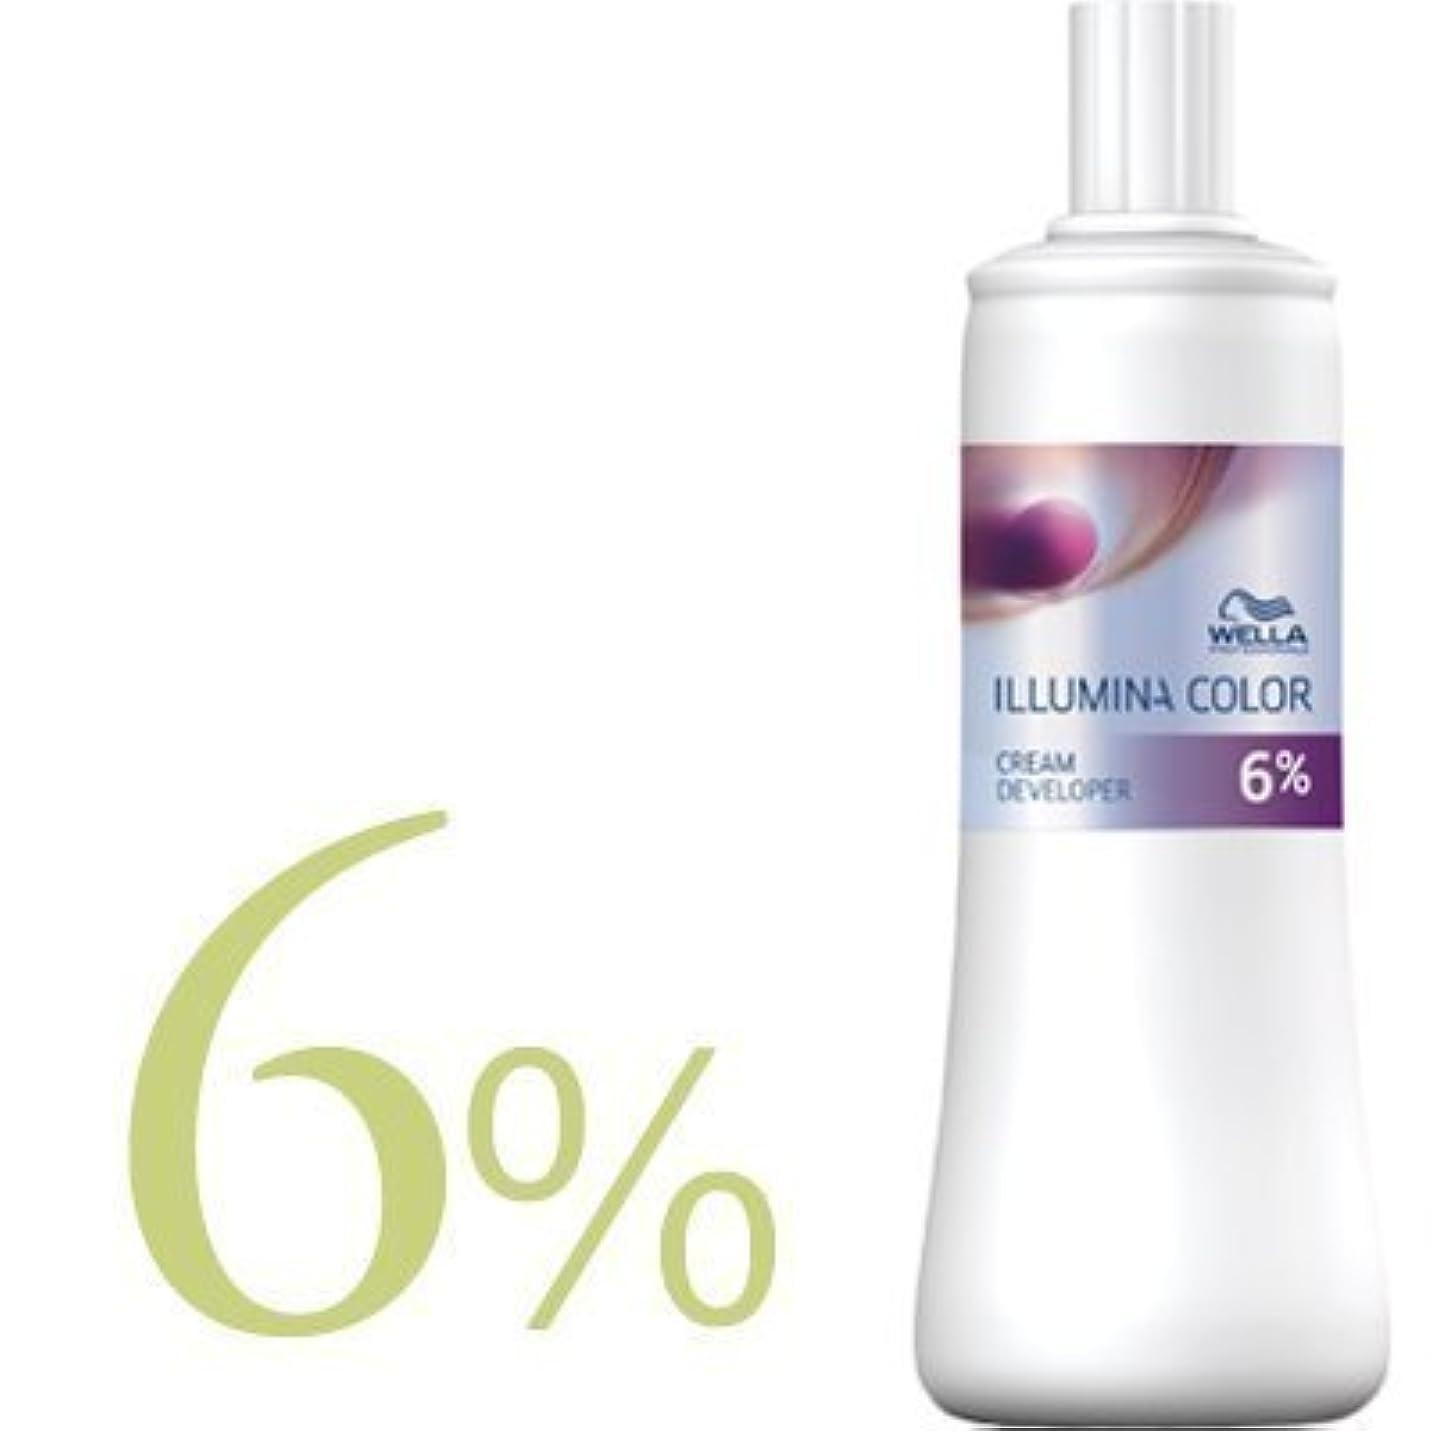 ゆるいファランクス識別するウエラ イルミナカラー クリームディベロッパー 2剤 1000ml 【WELLA】(6%)